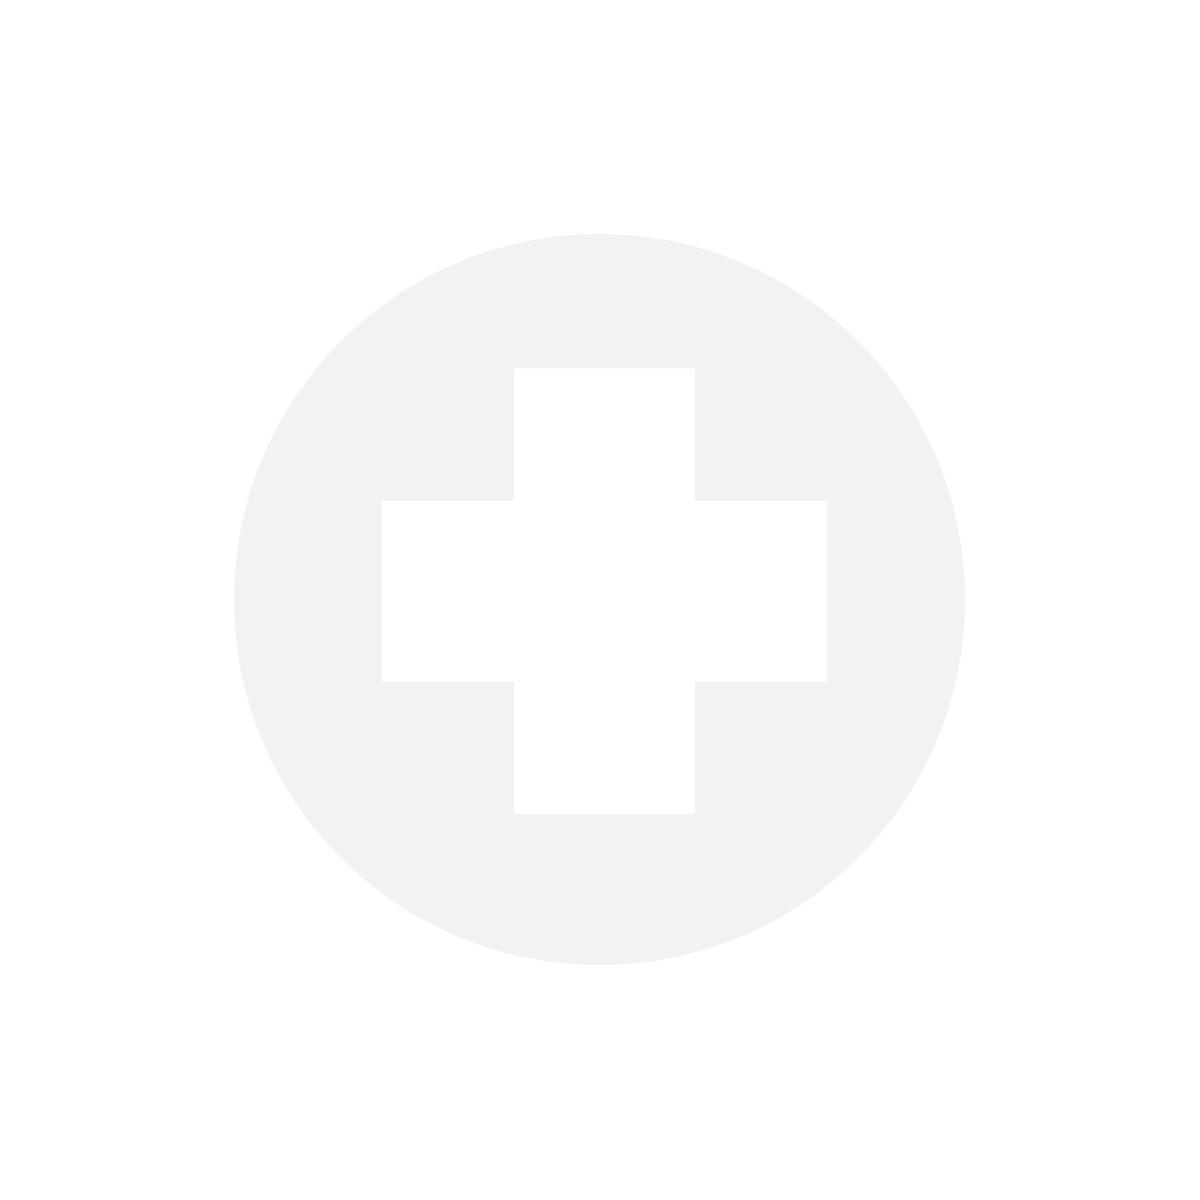 Mentonnière Confort (Poulietherapie)